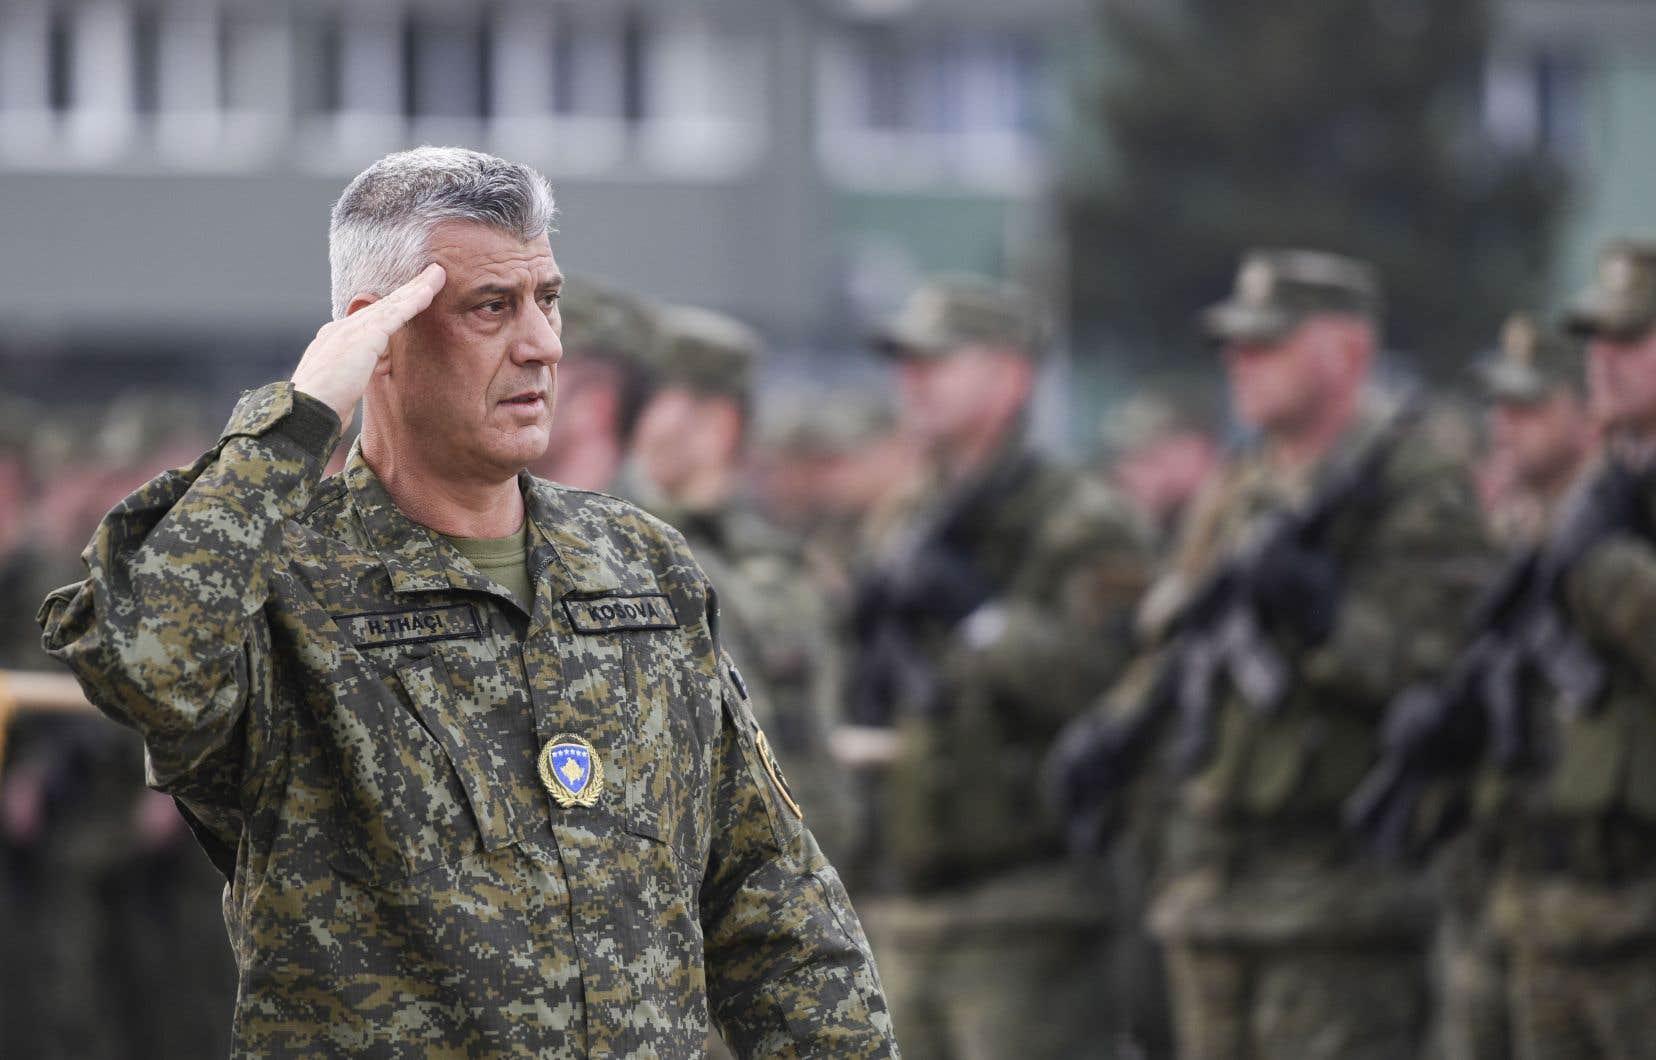 Le président Hashim Thaci, photographié en uniforme lors d'une inspection des Forces de sécurité du Kosovo en 2018